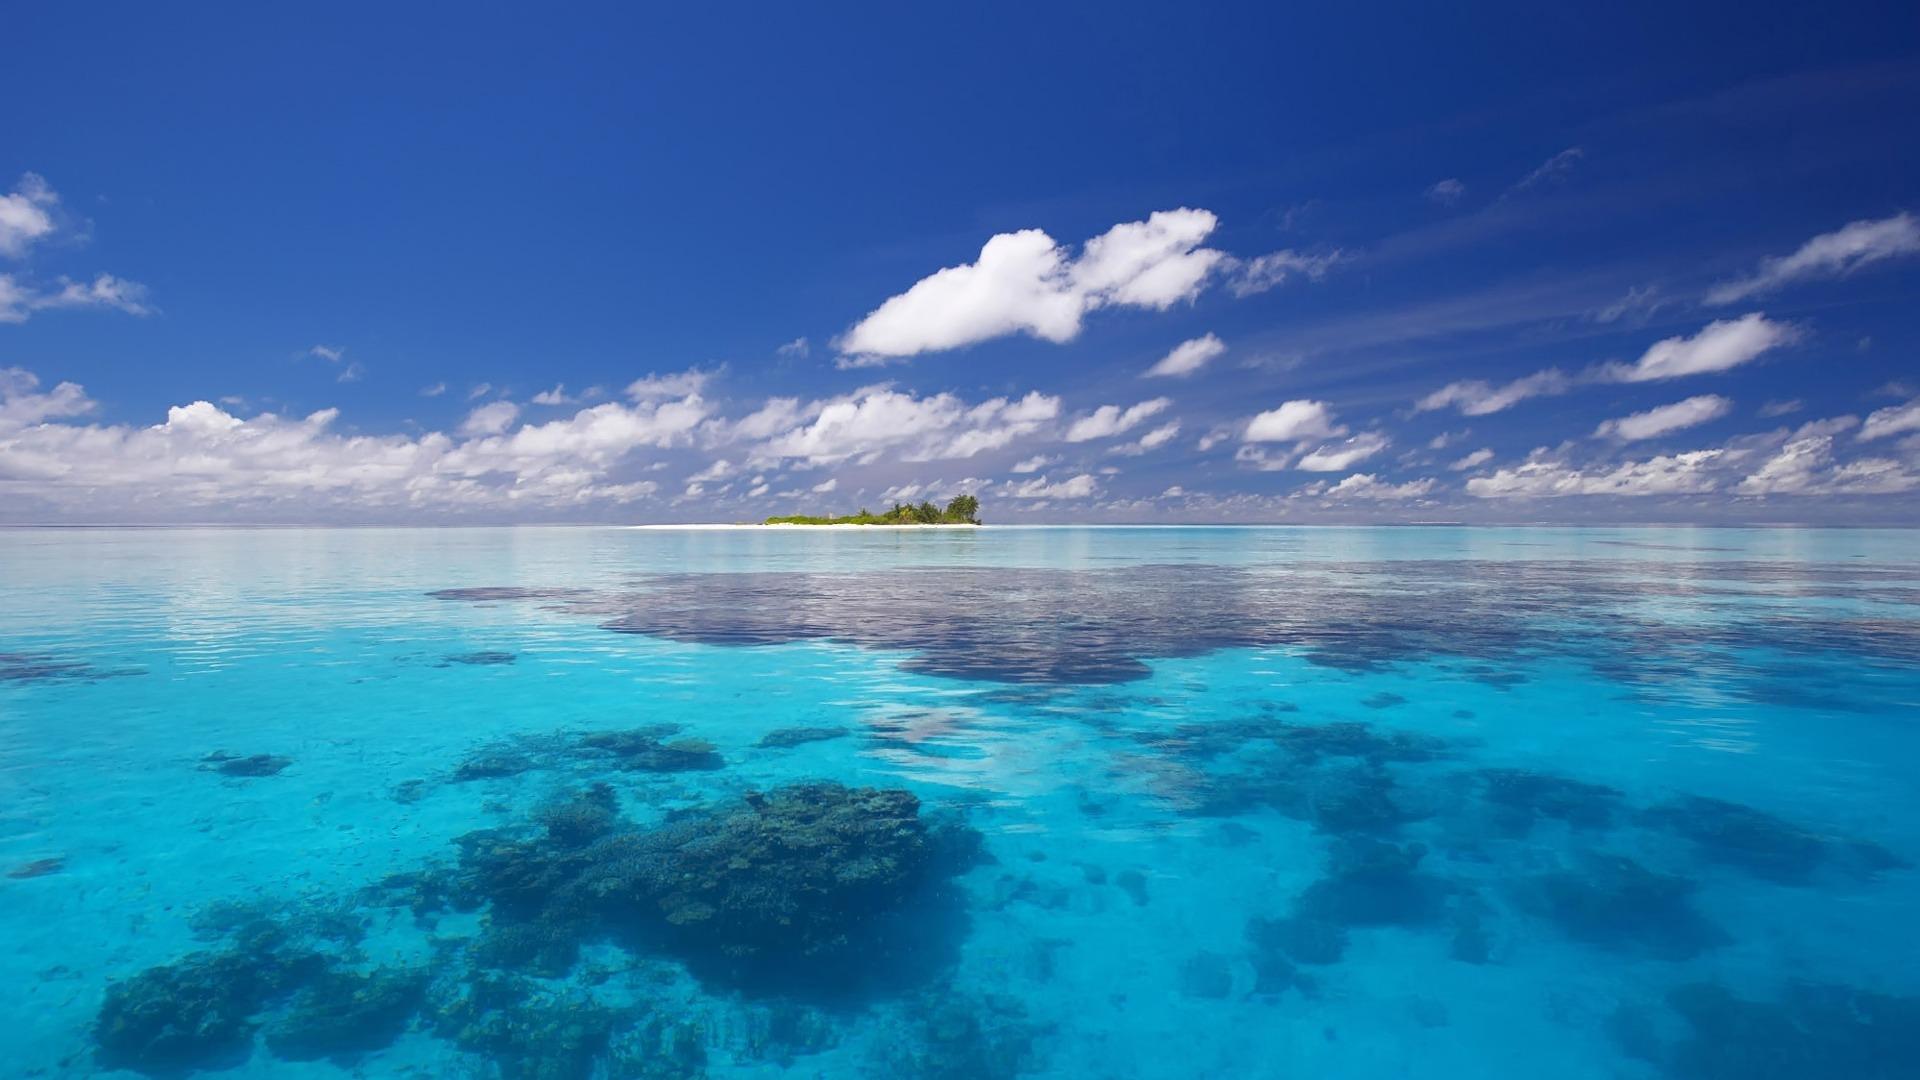 Ocean Landscape Wallpaper